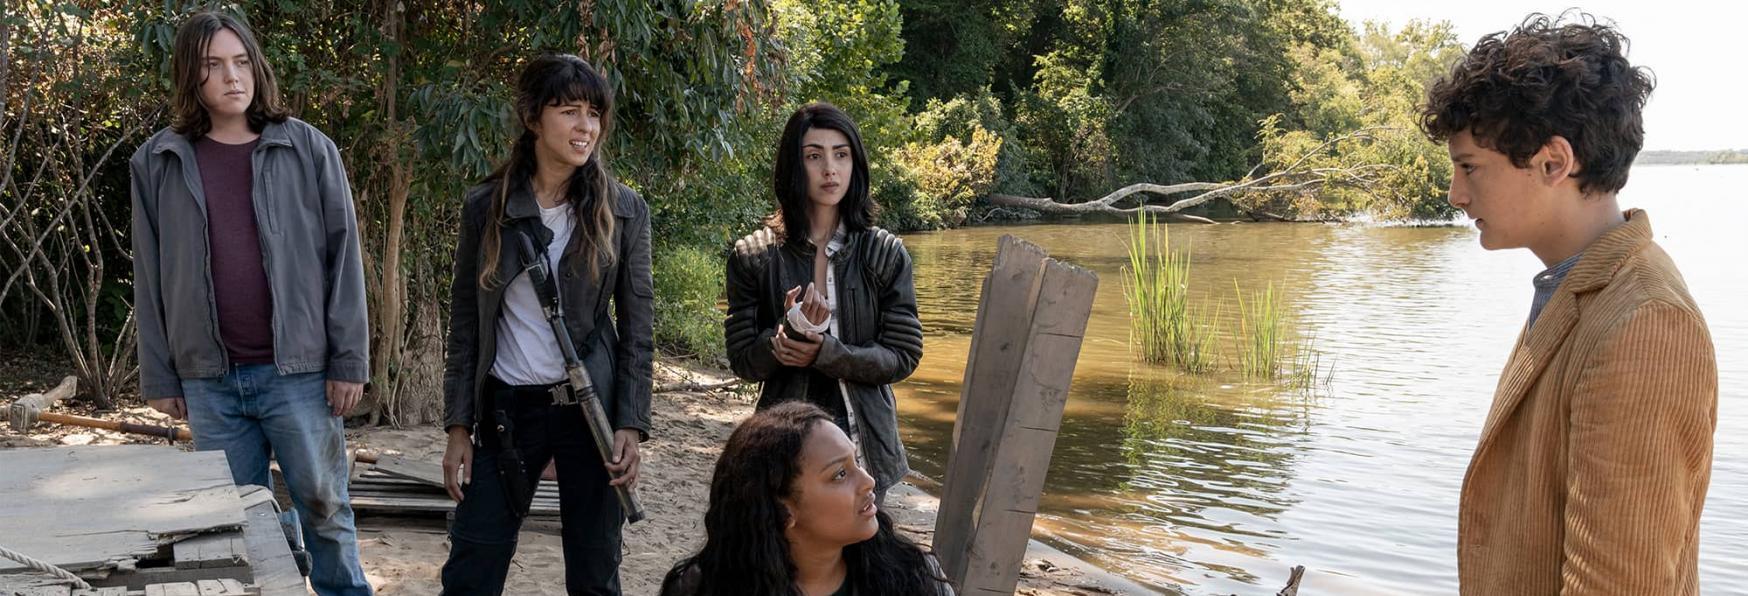 The Walking Dead: World Beyond - Anticipata la nuova Premiere dello Spin-off